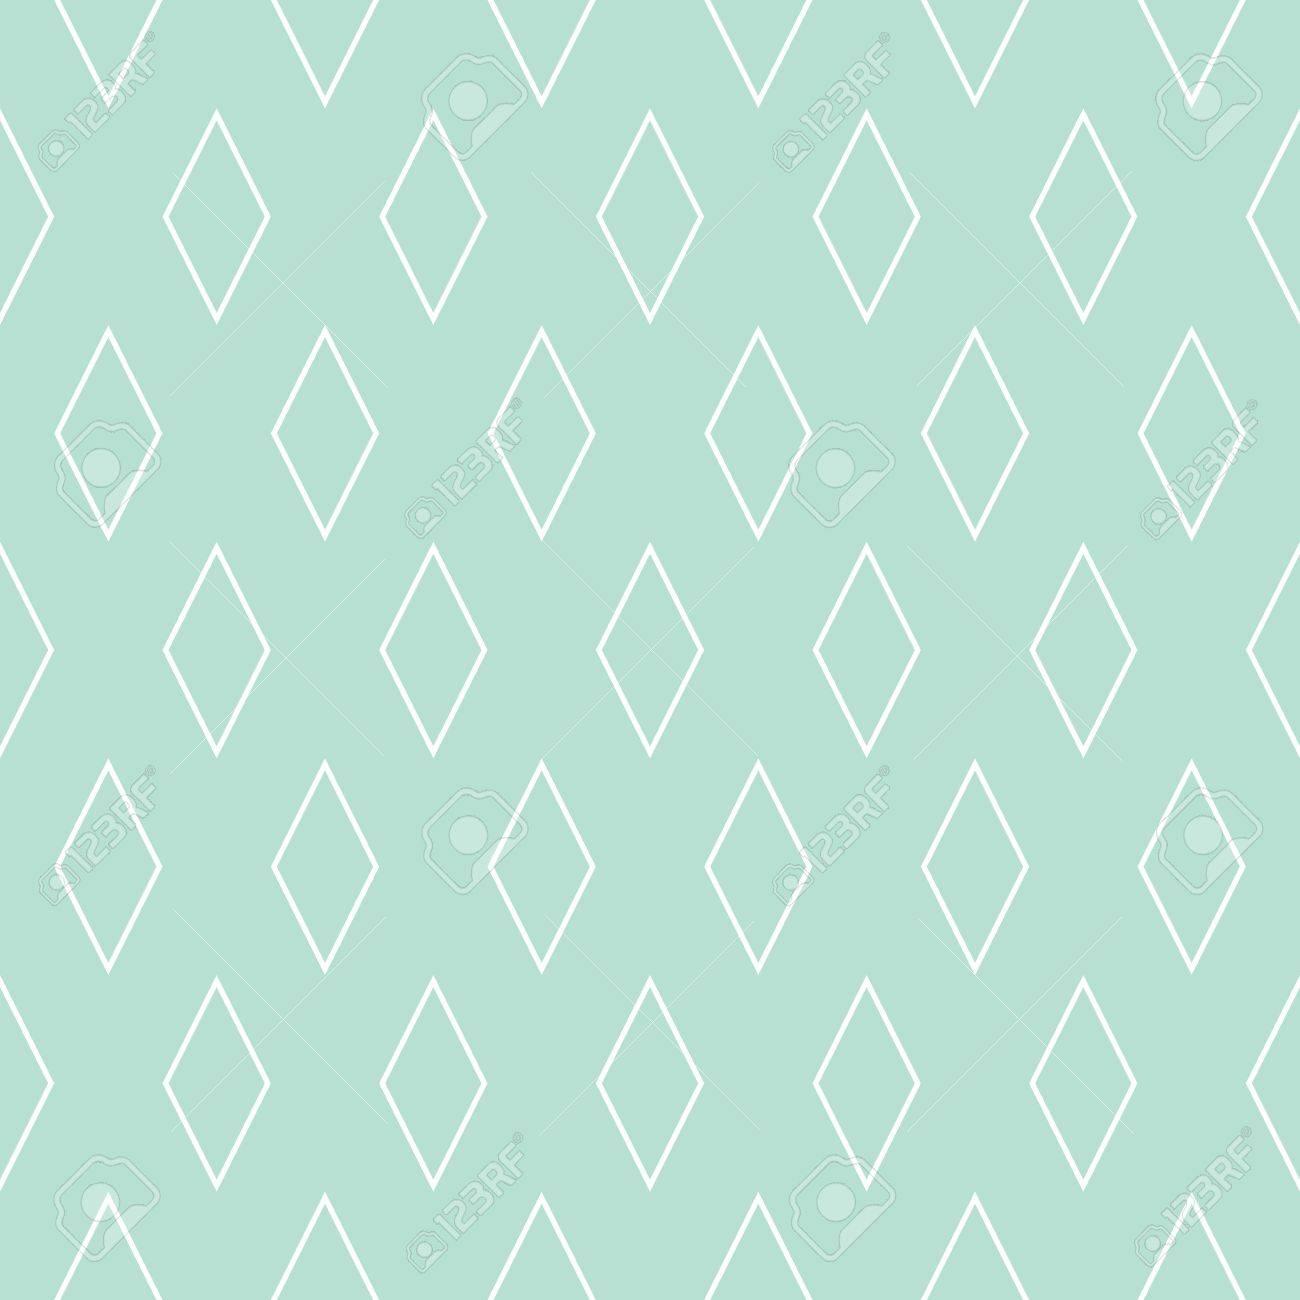 タイル パターンやミント グリーンと白の壁紙の背景のイラスト素材